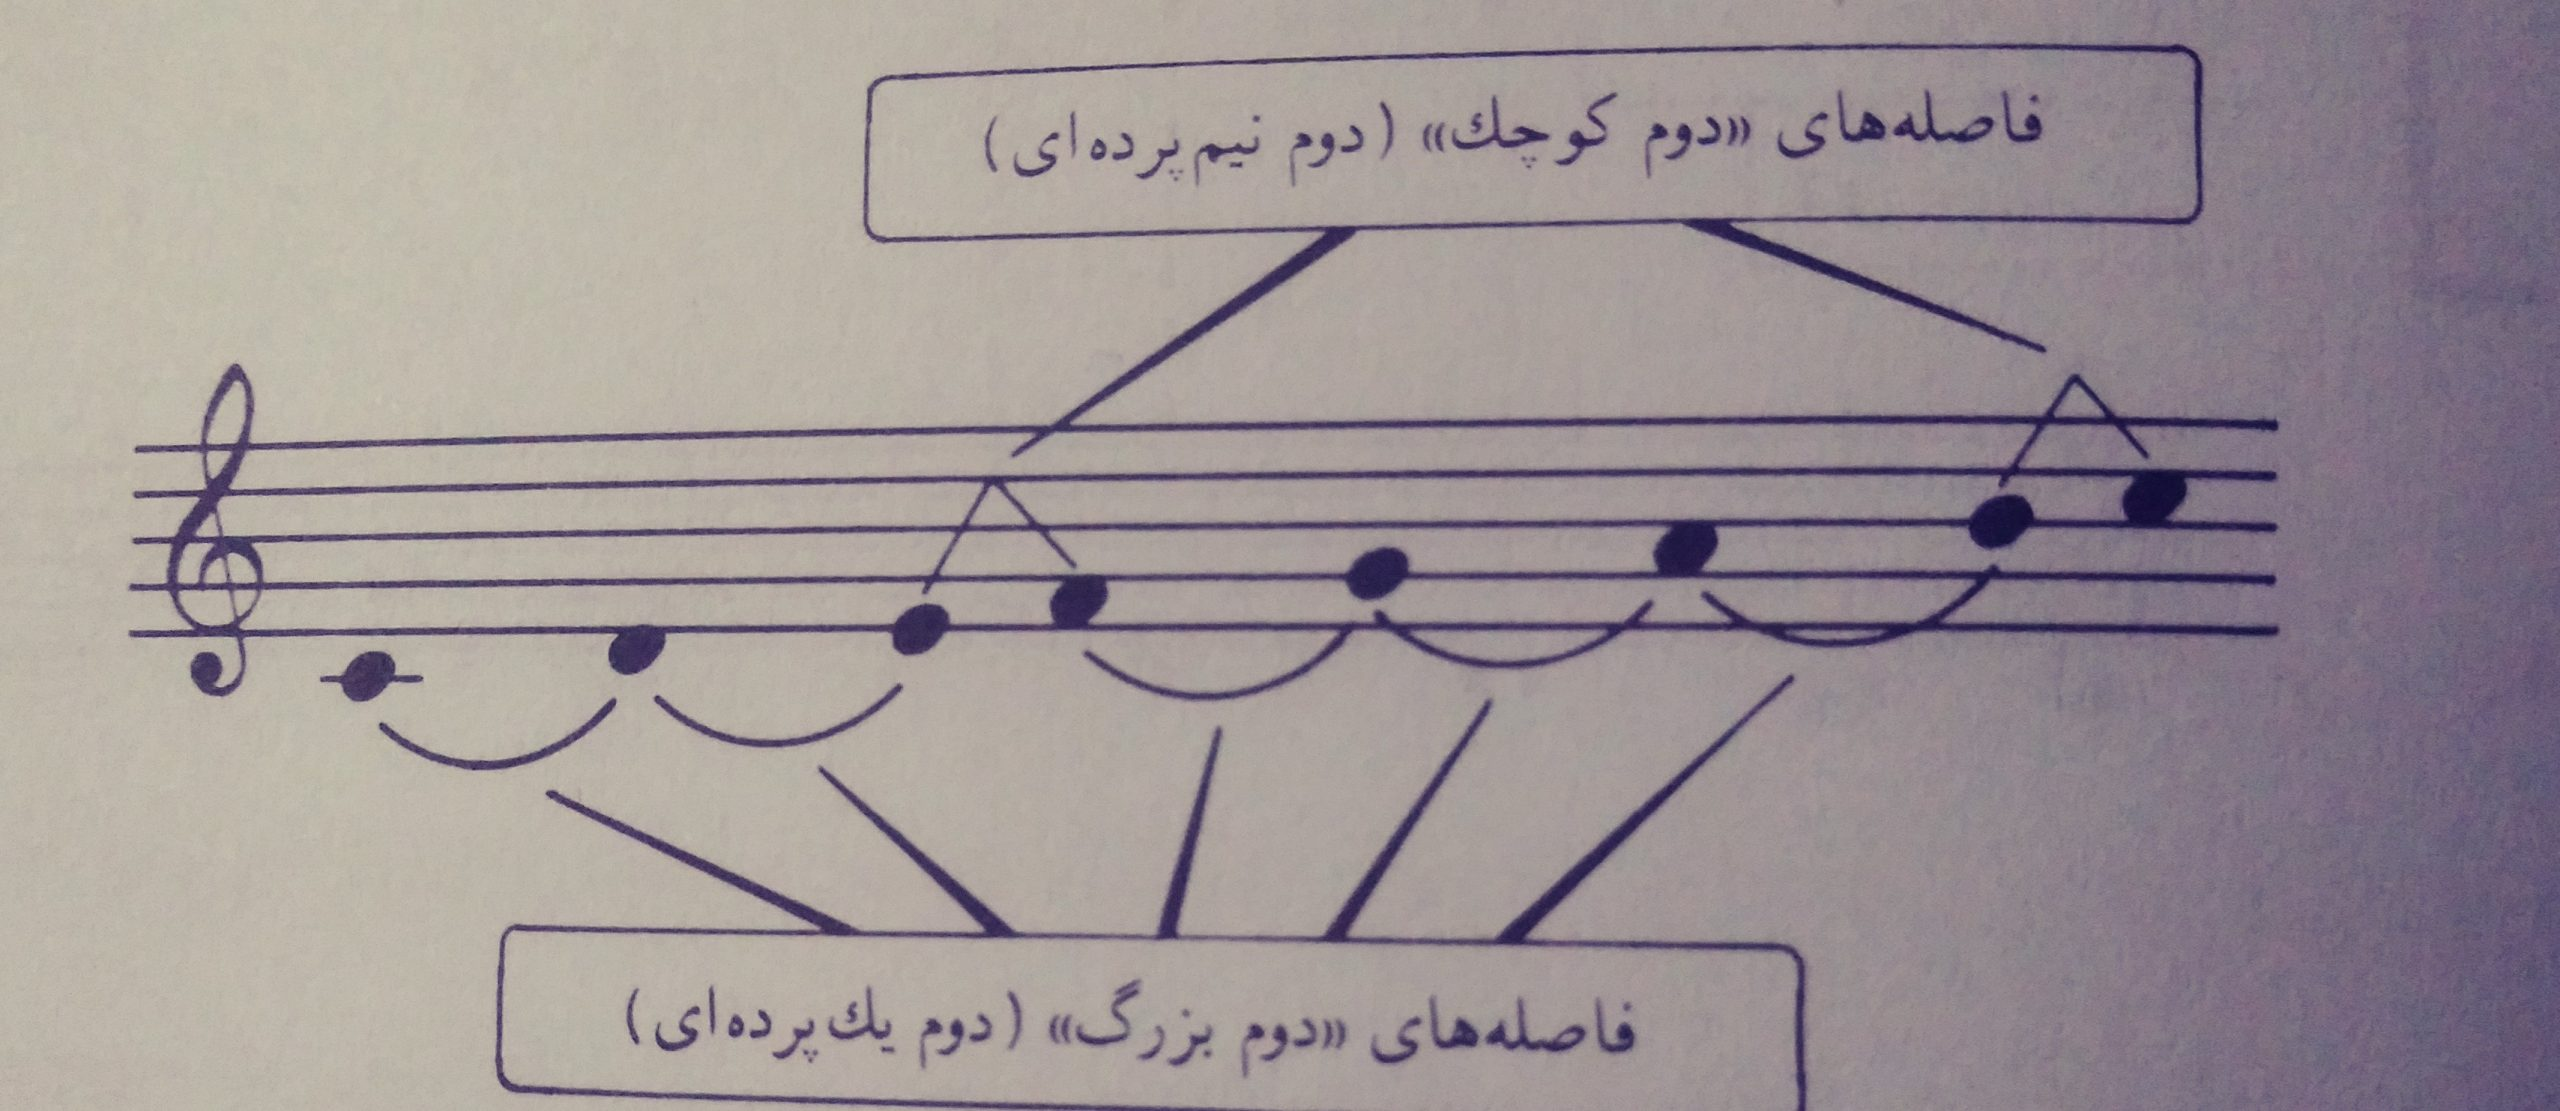 آموزش فواصل در موسیقی